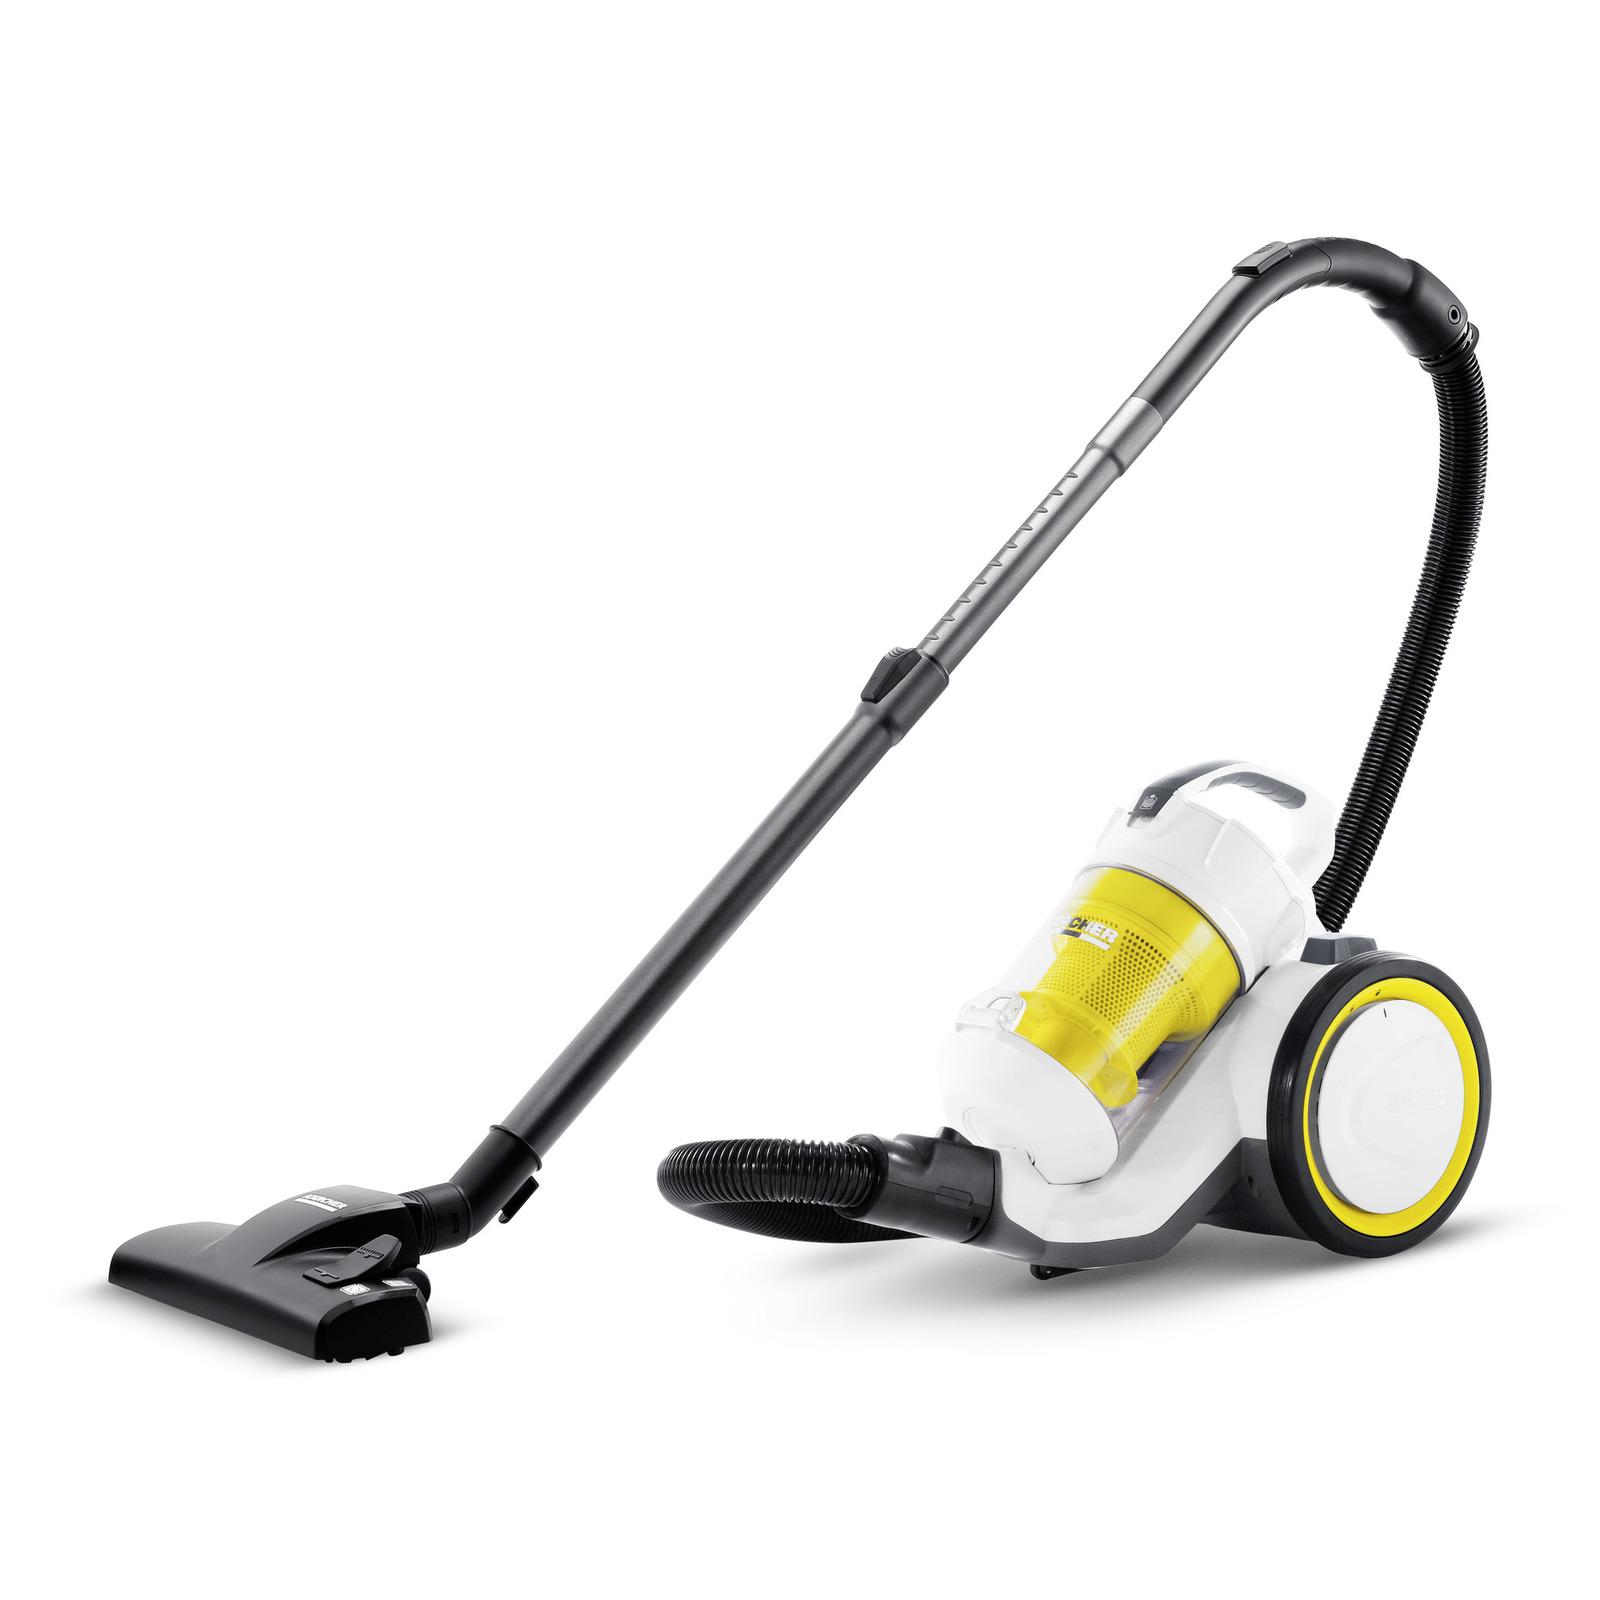 KARCHER 1.198-133.0 - VC3 Premium Plus Vacuum Cleaner